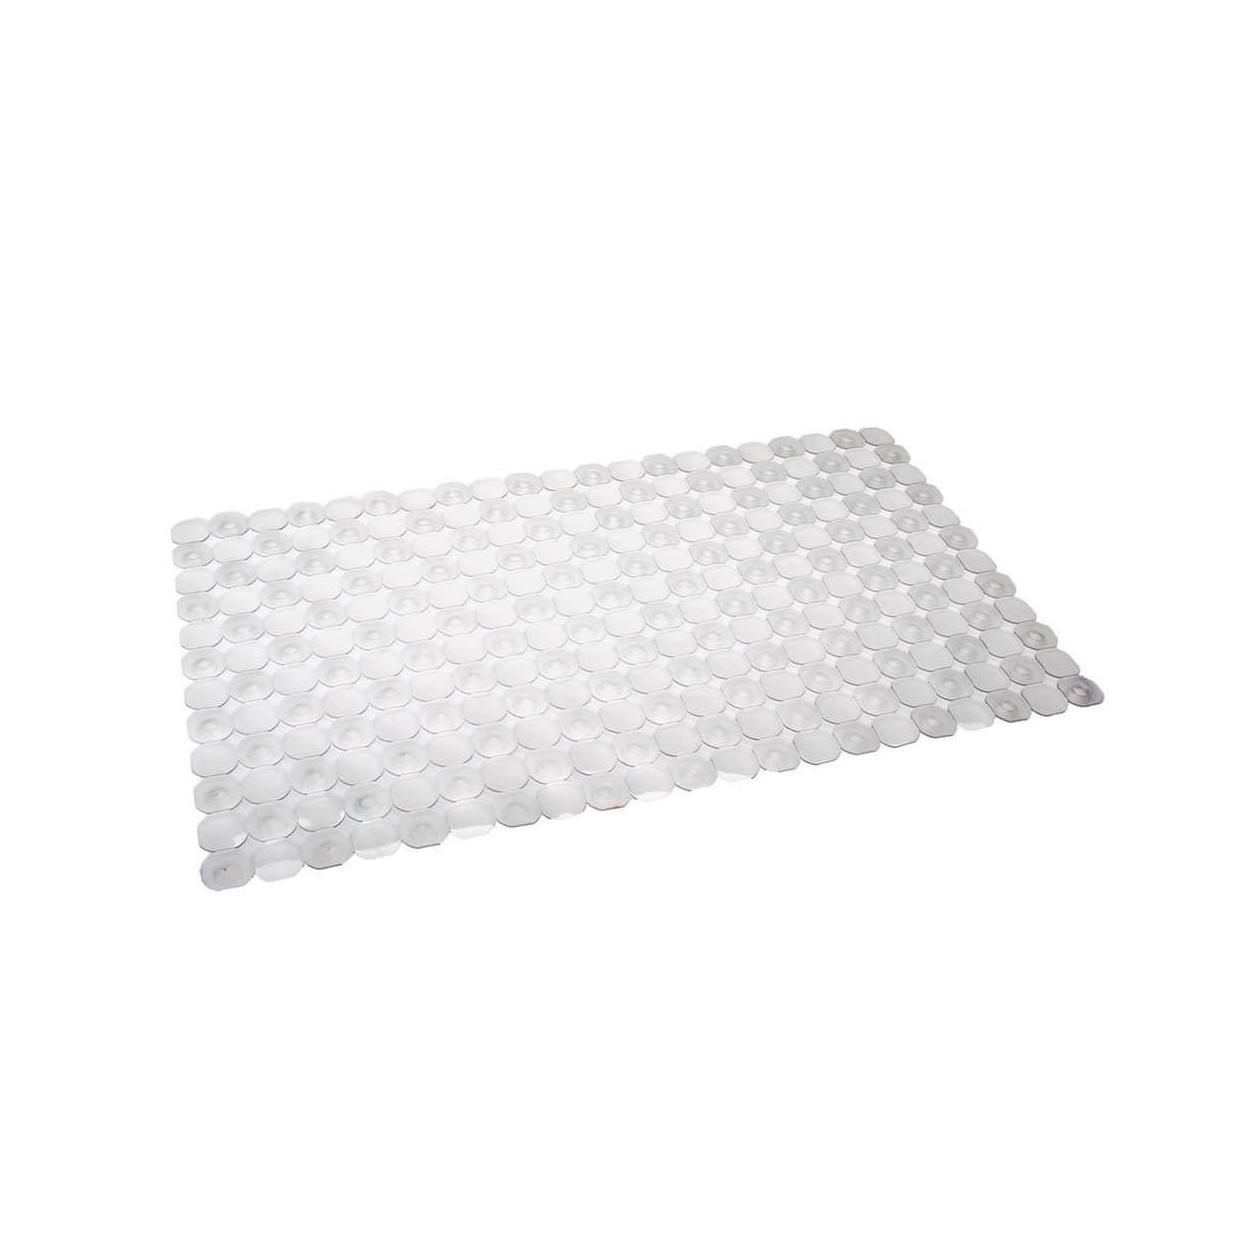 Alfombra de ba o antideslizante rectangular color - Alfombra antideslizante banera ...